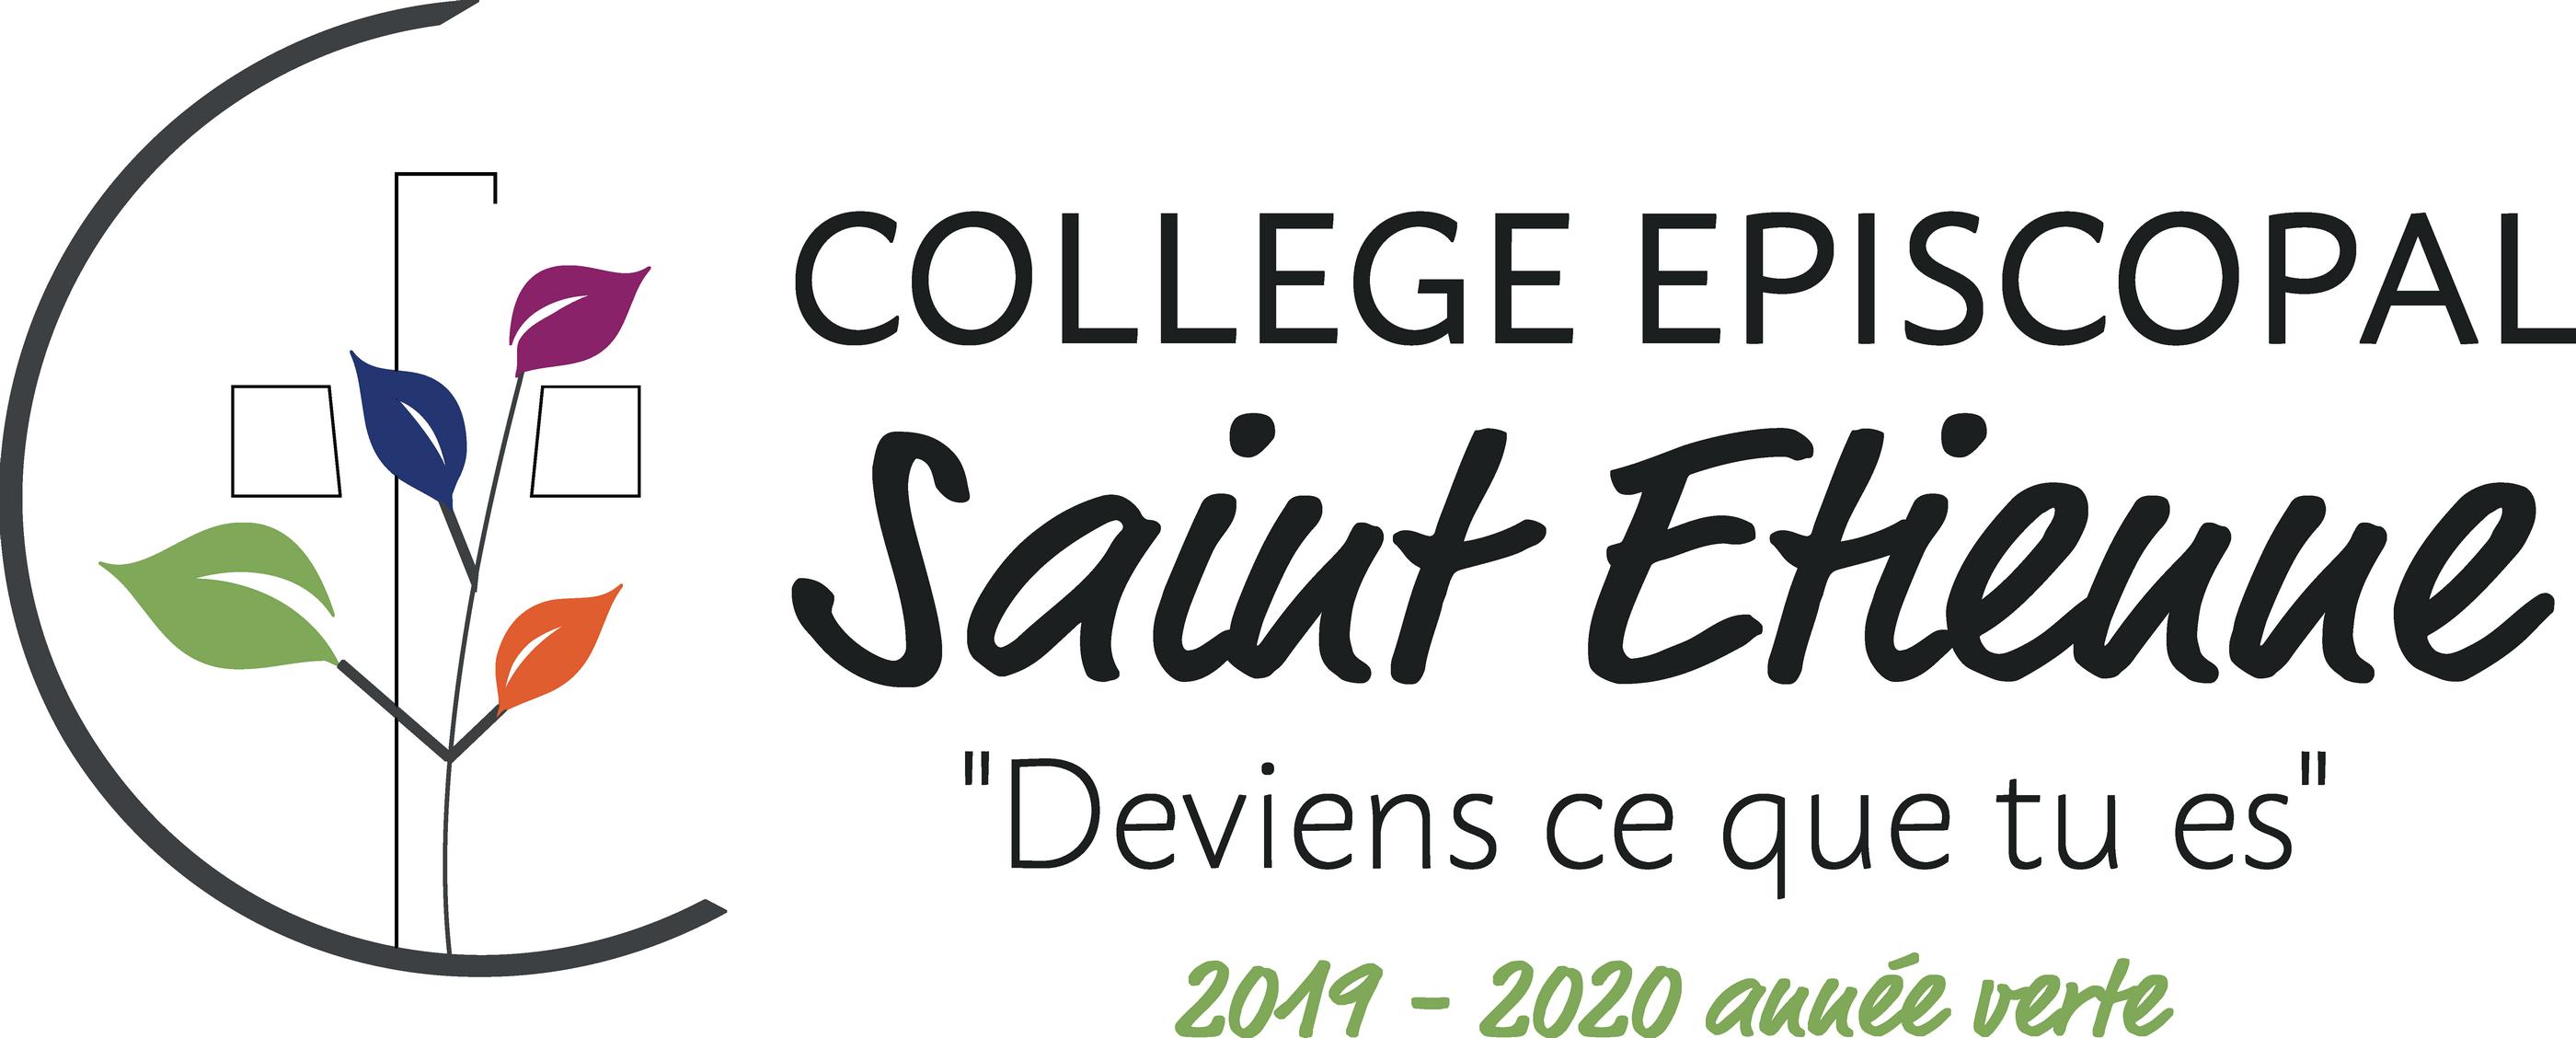 Règlement Intérieur Du Lycée Collège Episcopal Saint Etienne